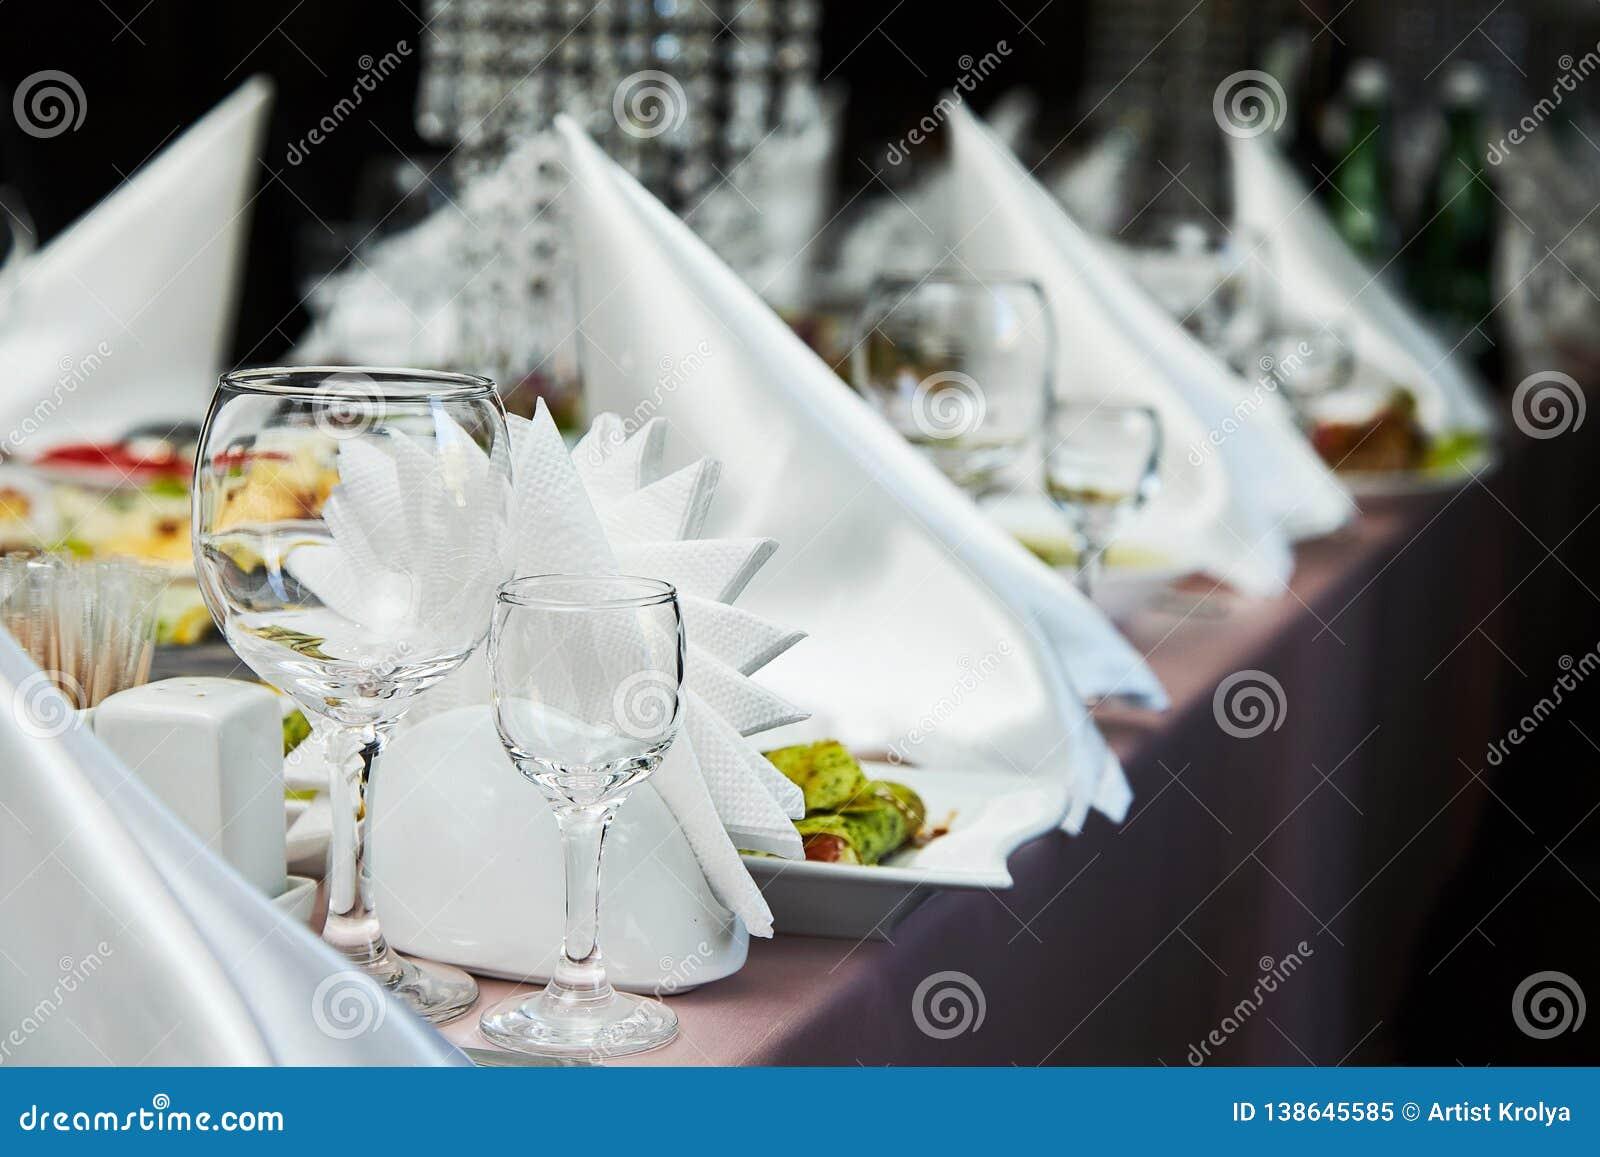 Оформление сервировки стола ресторана со стеклами для вина Различные еды для гостей